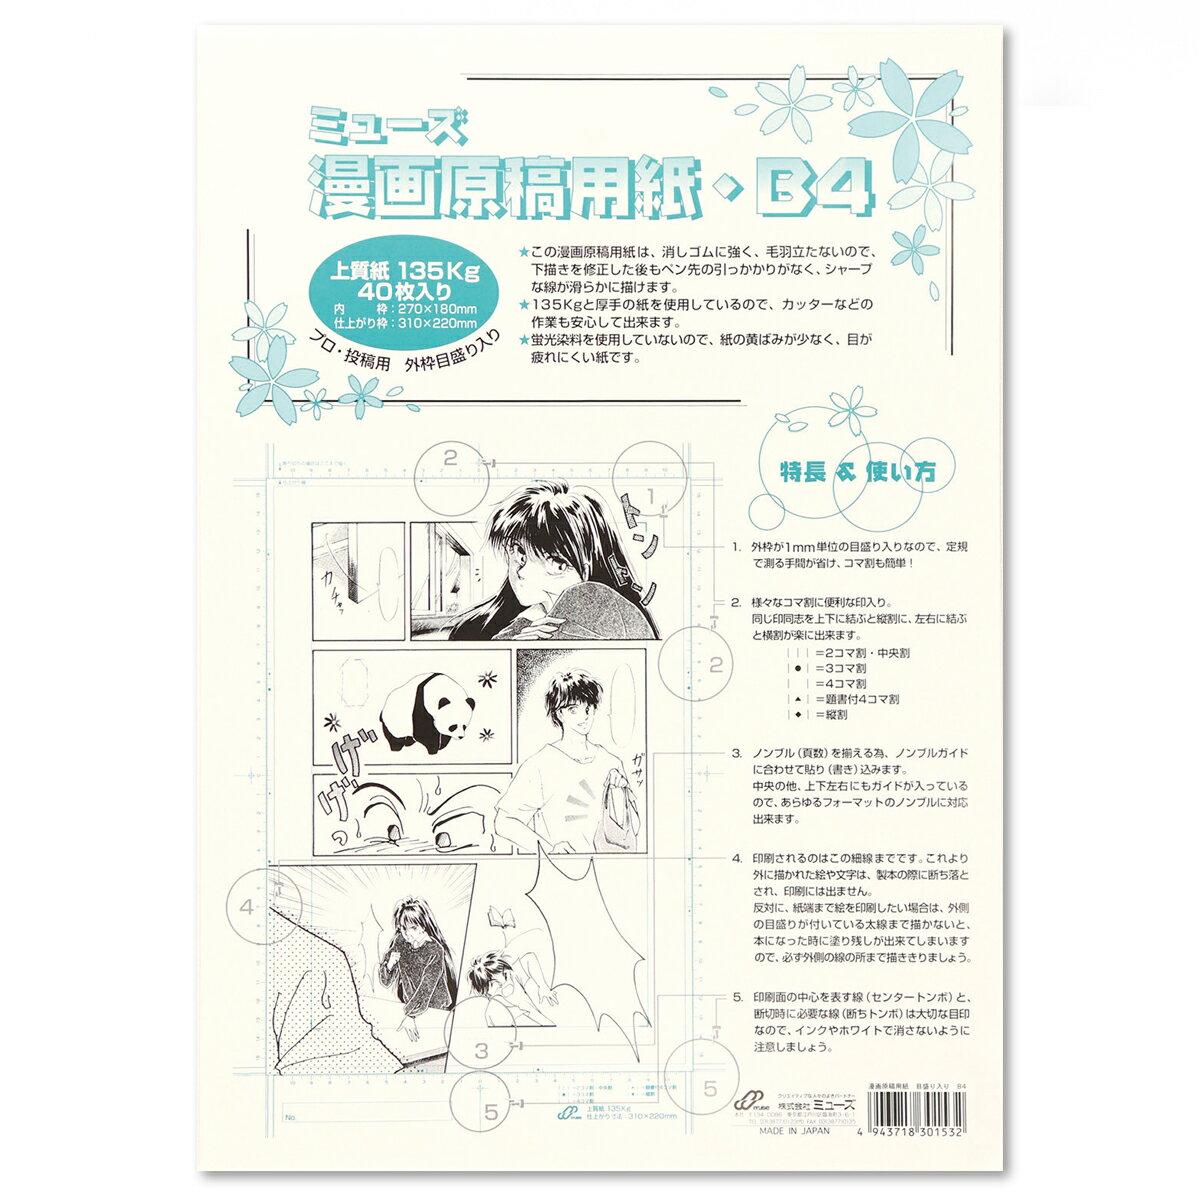 ミューズ 漫画の原稿用紙 B4判 40枚組 上質紙 【 まんが 漫画 コミック 紙 原稿 】